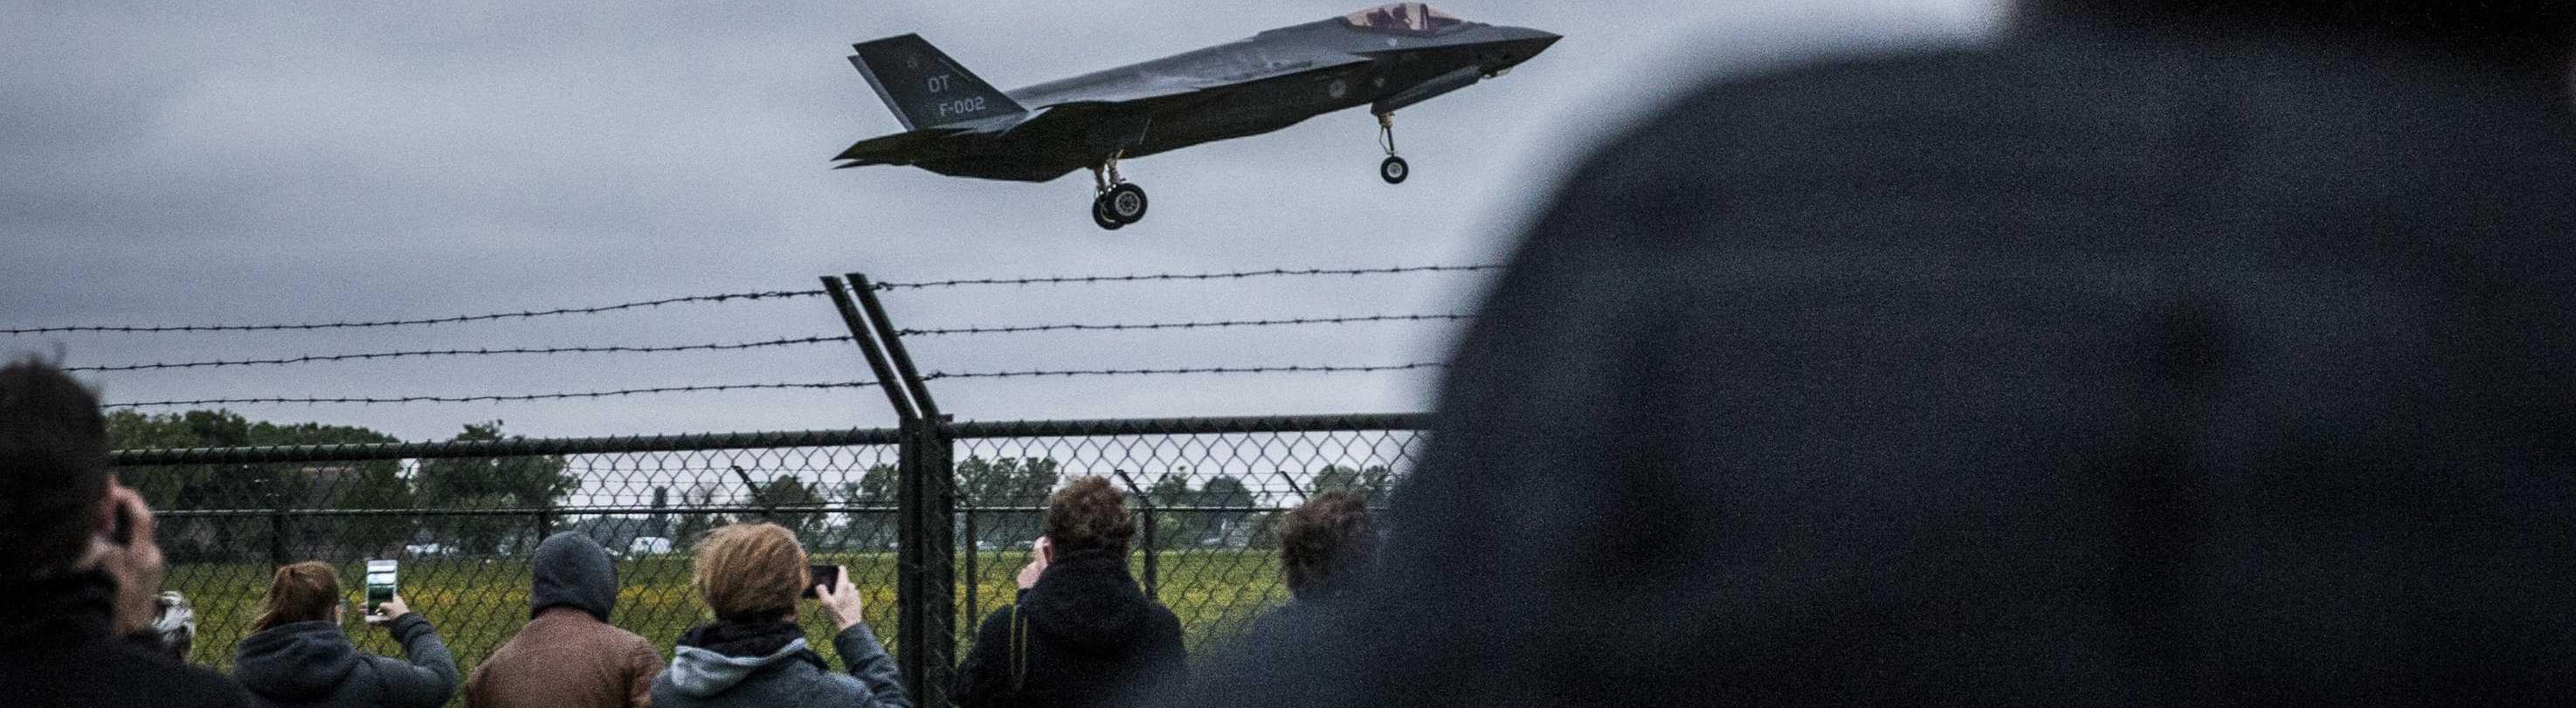 Exportschlager: Der amerikanische Waffenproduzent Lockheed Martin verkauft seine F-35 auch ins Ausland - hier ein niederländisches Exemplar beim Landeanflug im Jahr 2016. Darüber eine ältere Maschine des Typs F-16.